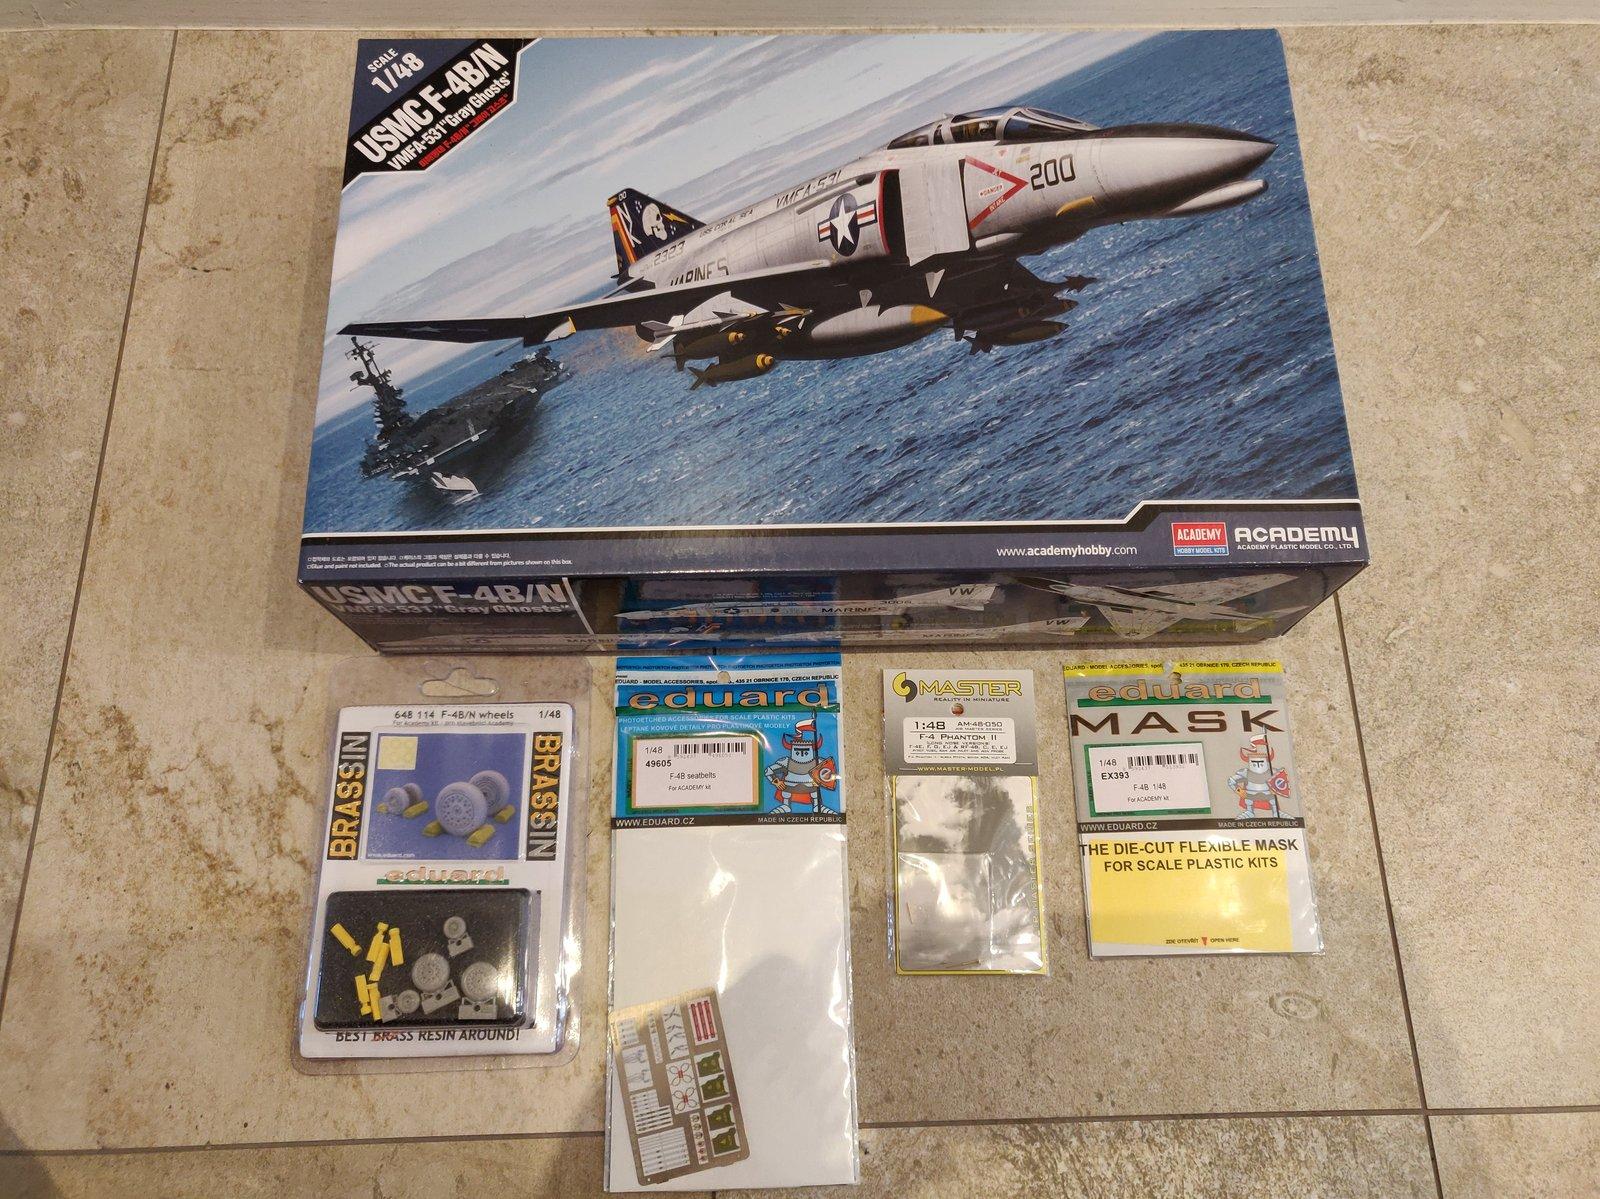 Avions 1/48 et 1/32 (nouveaux kits 20-04-20) 200420121036884810